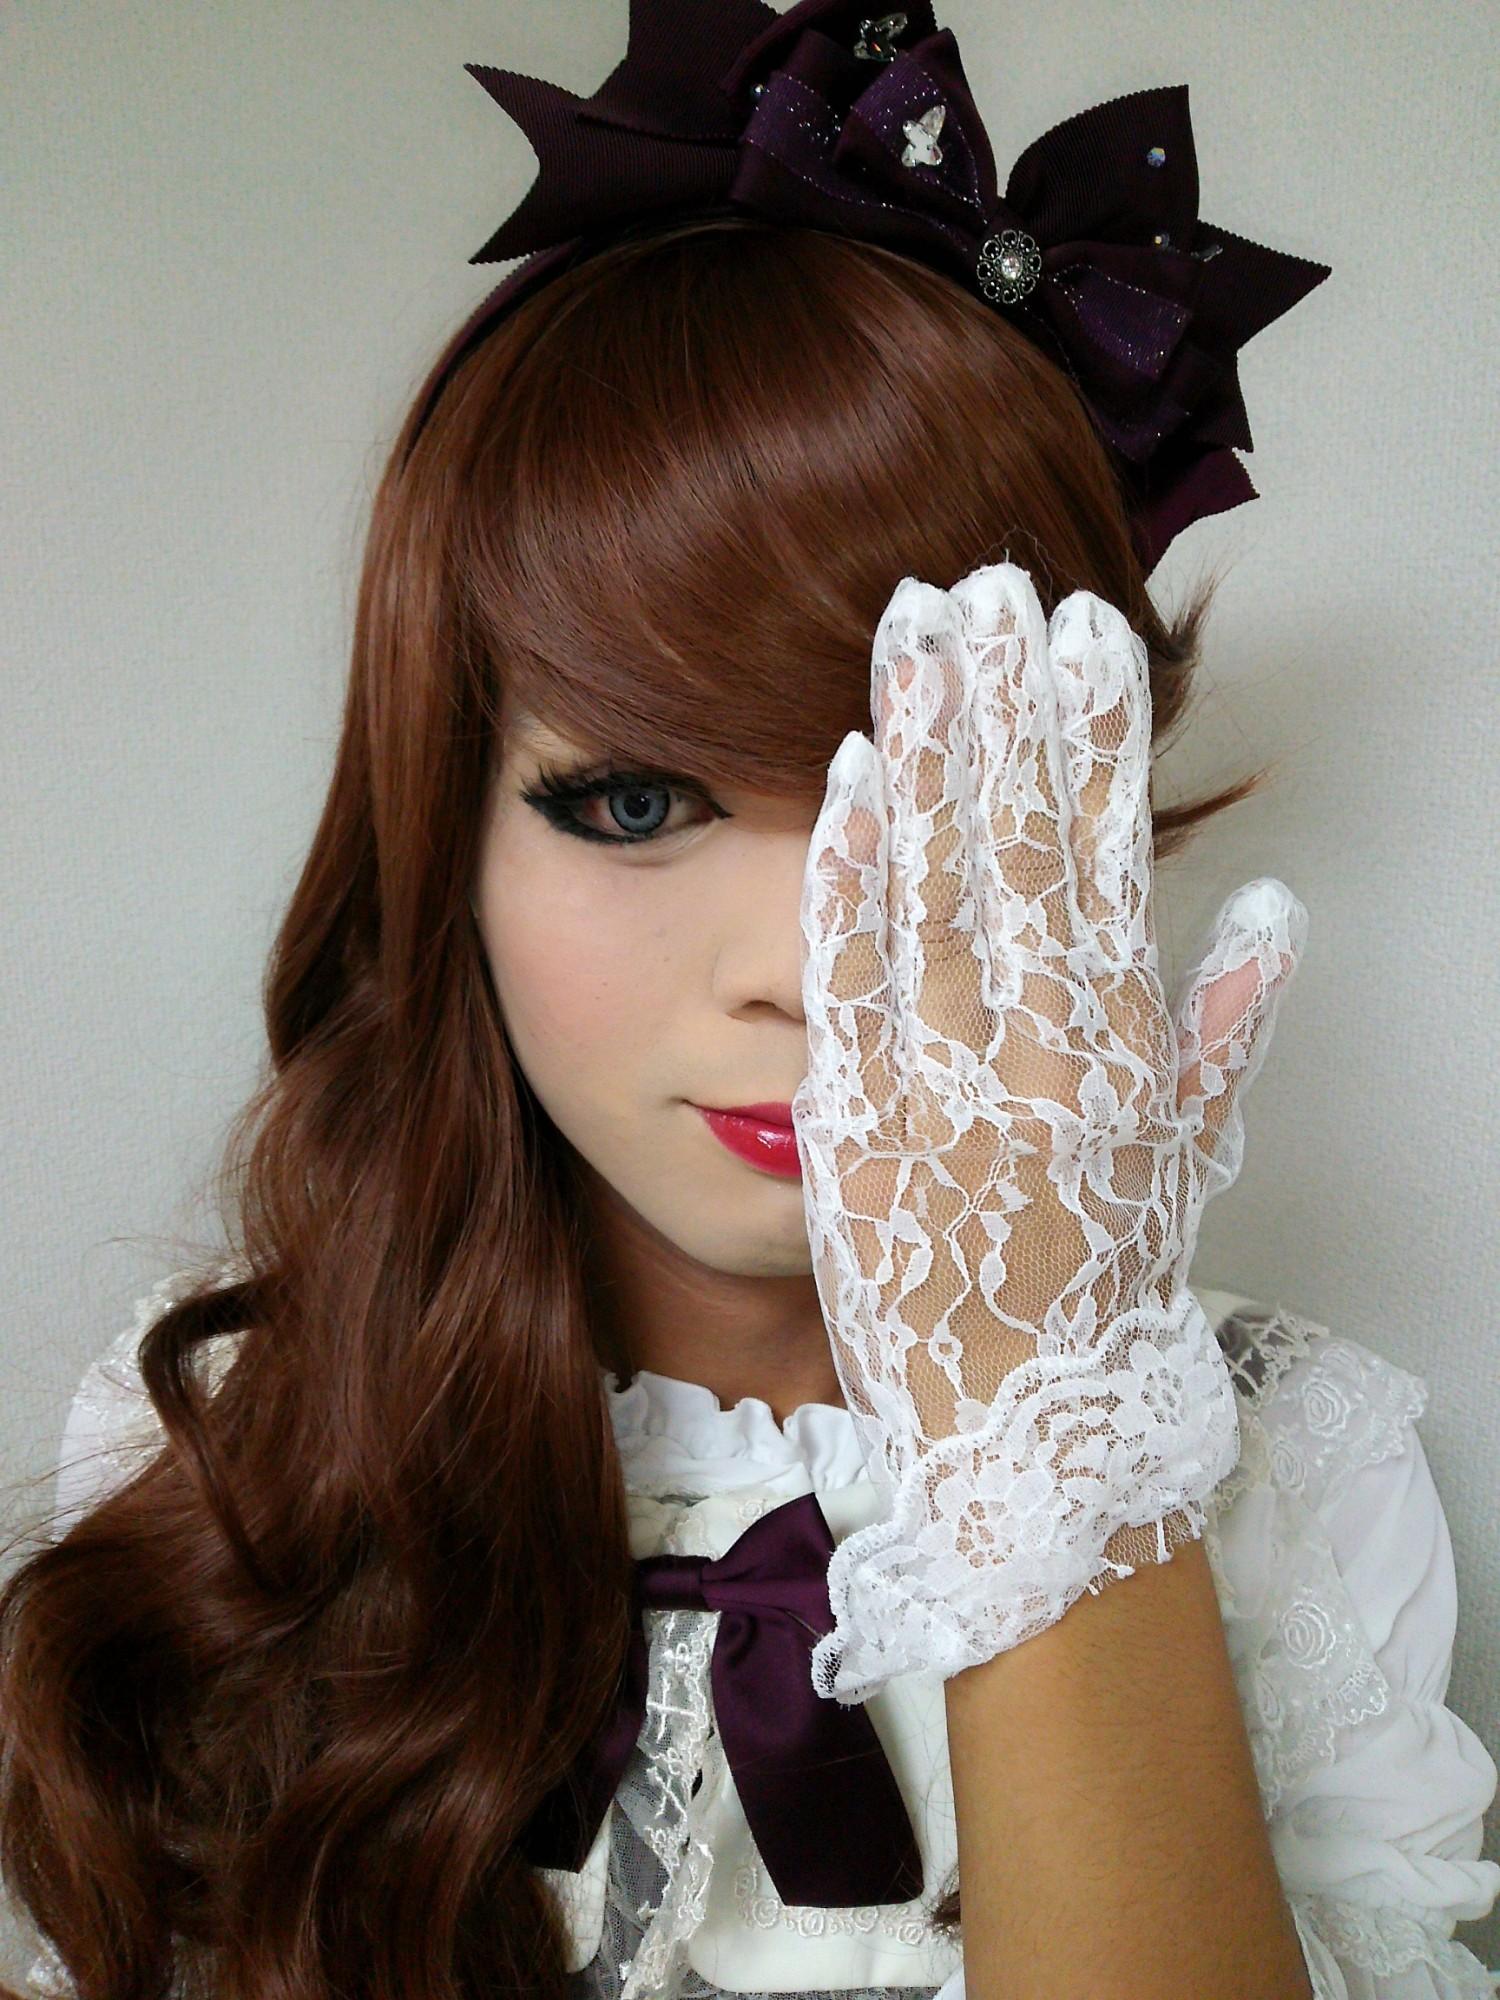 9変身凄腕女装メイクビフォーアフター完パス動画凄腕ダブル!